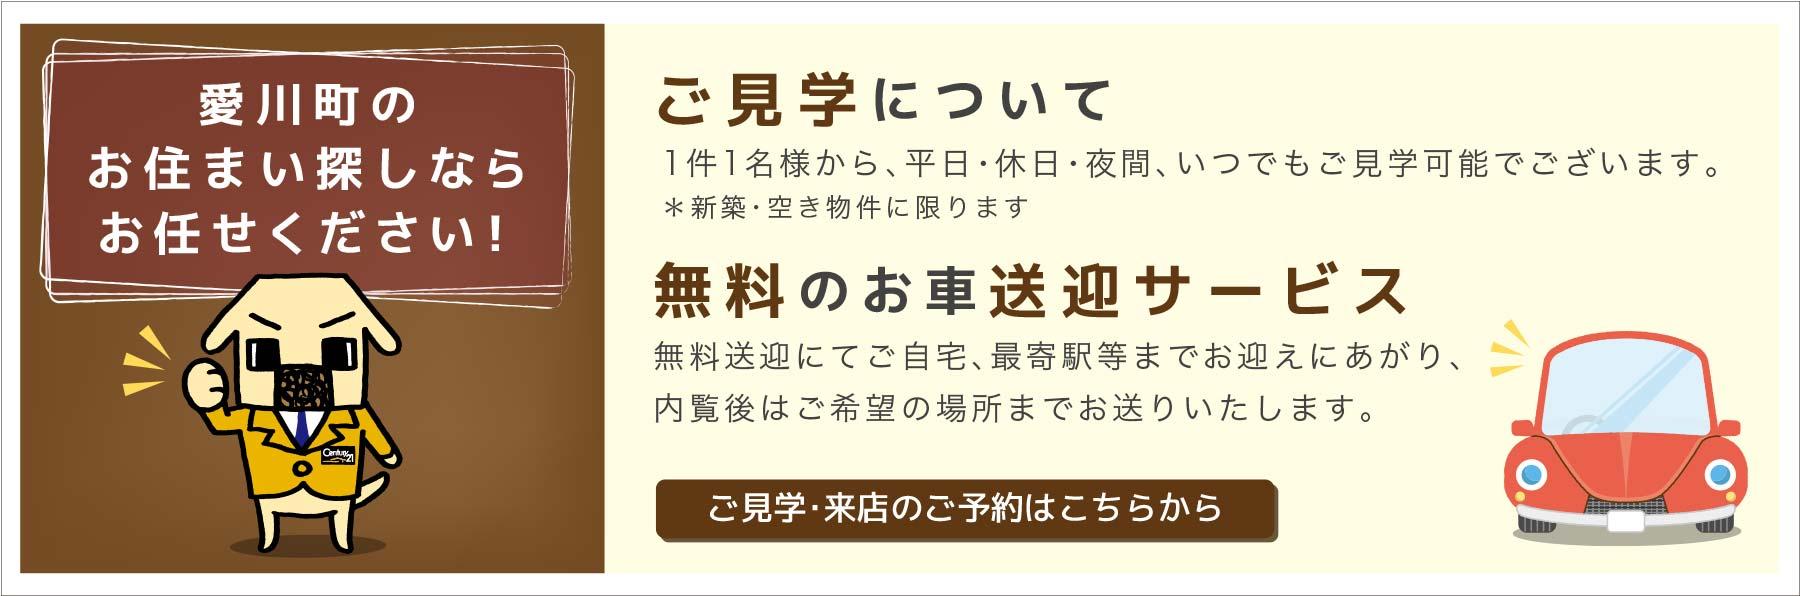 愛川町のお住まい探しならお任せください! 無料のお車送迎サービス行っております。